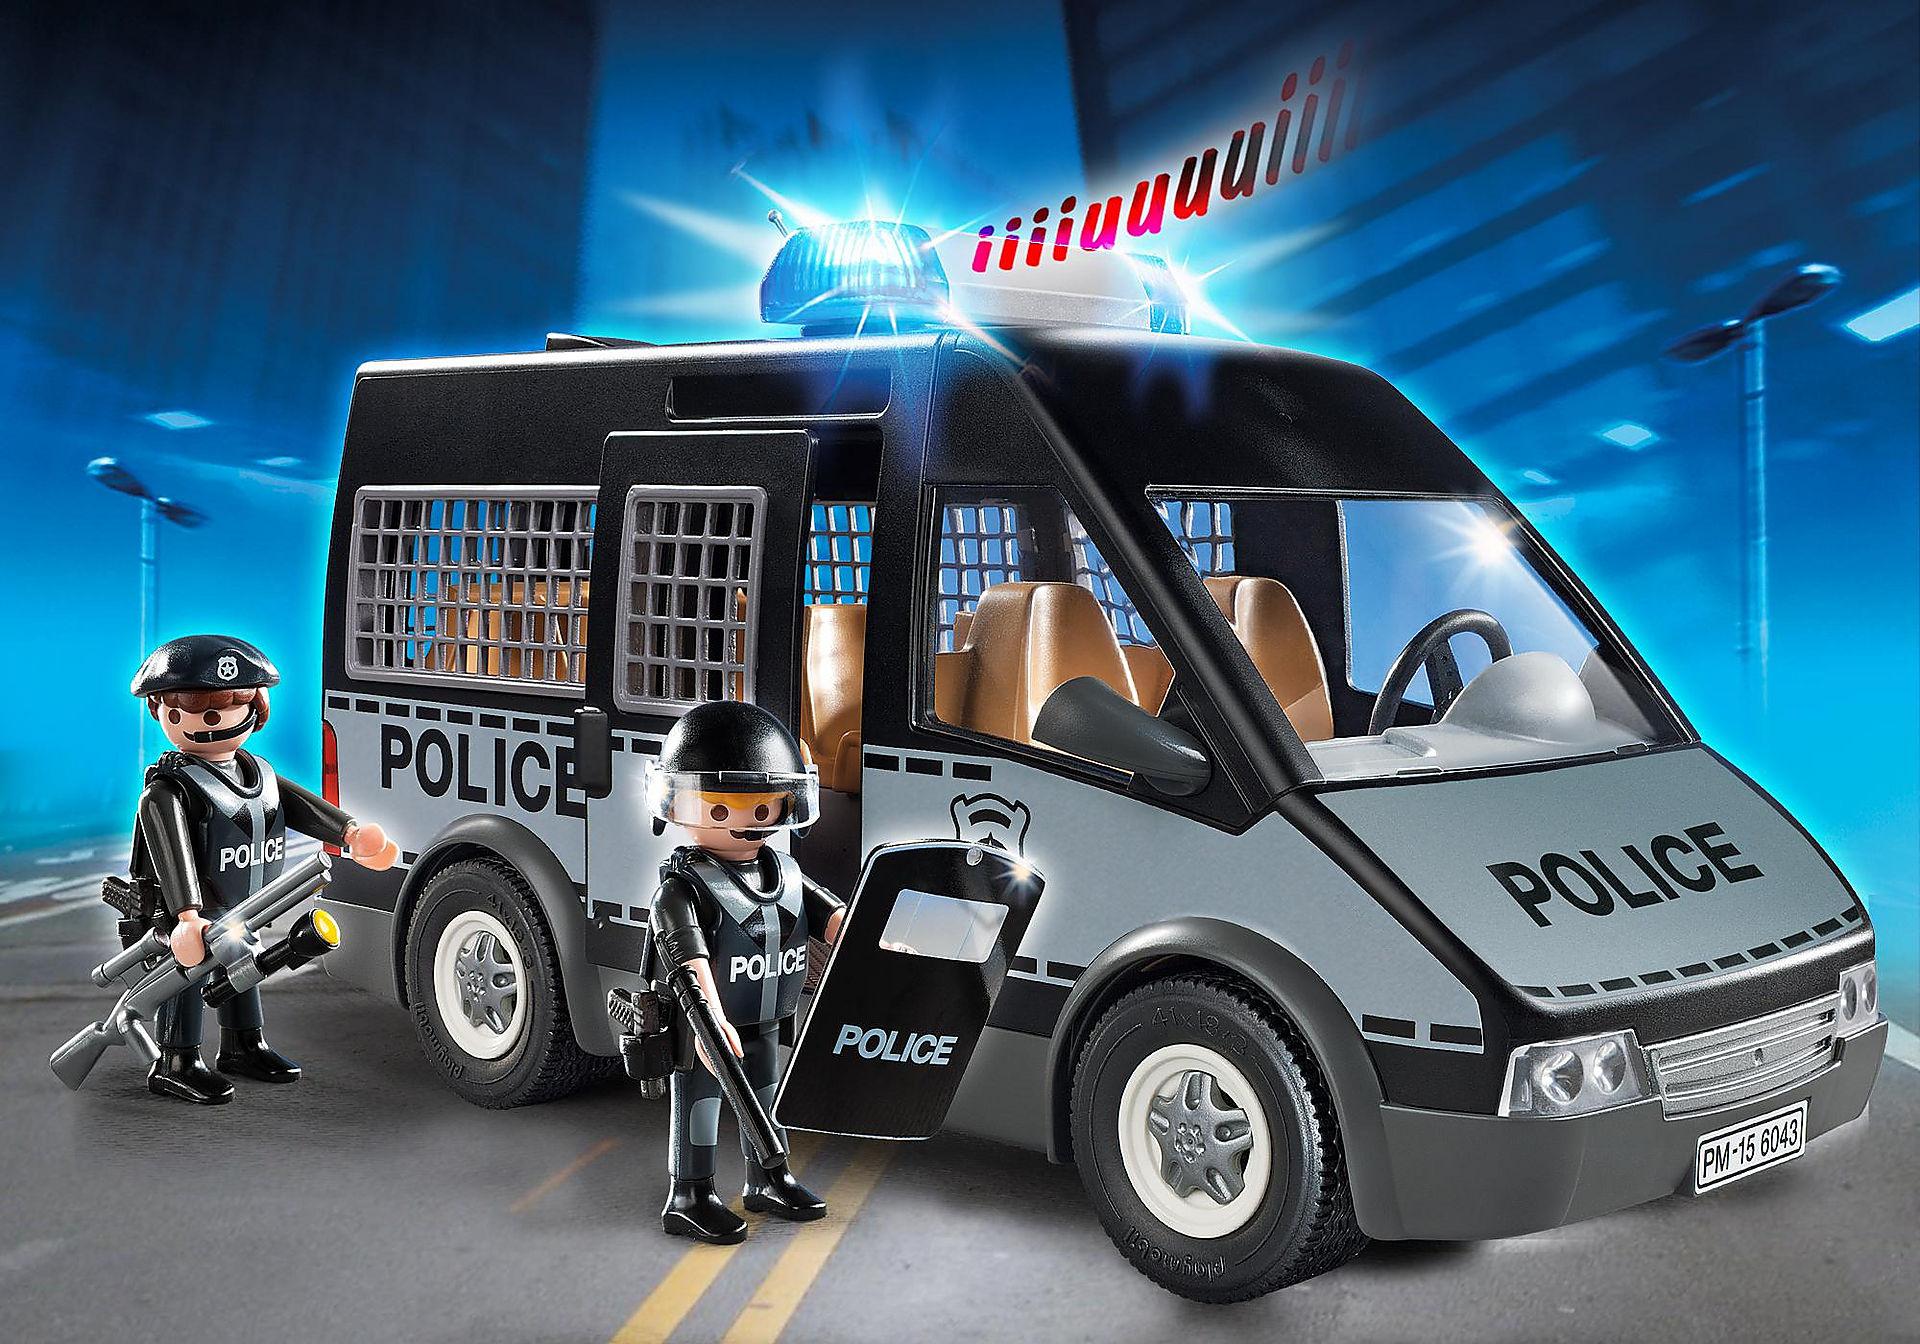 http://media.playmobil.com/i/playmobil/6043_product_detail/Polizei-Mannschaftswagen mit Licht und Sound